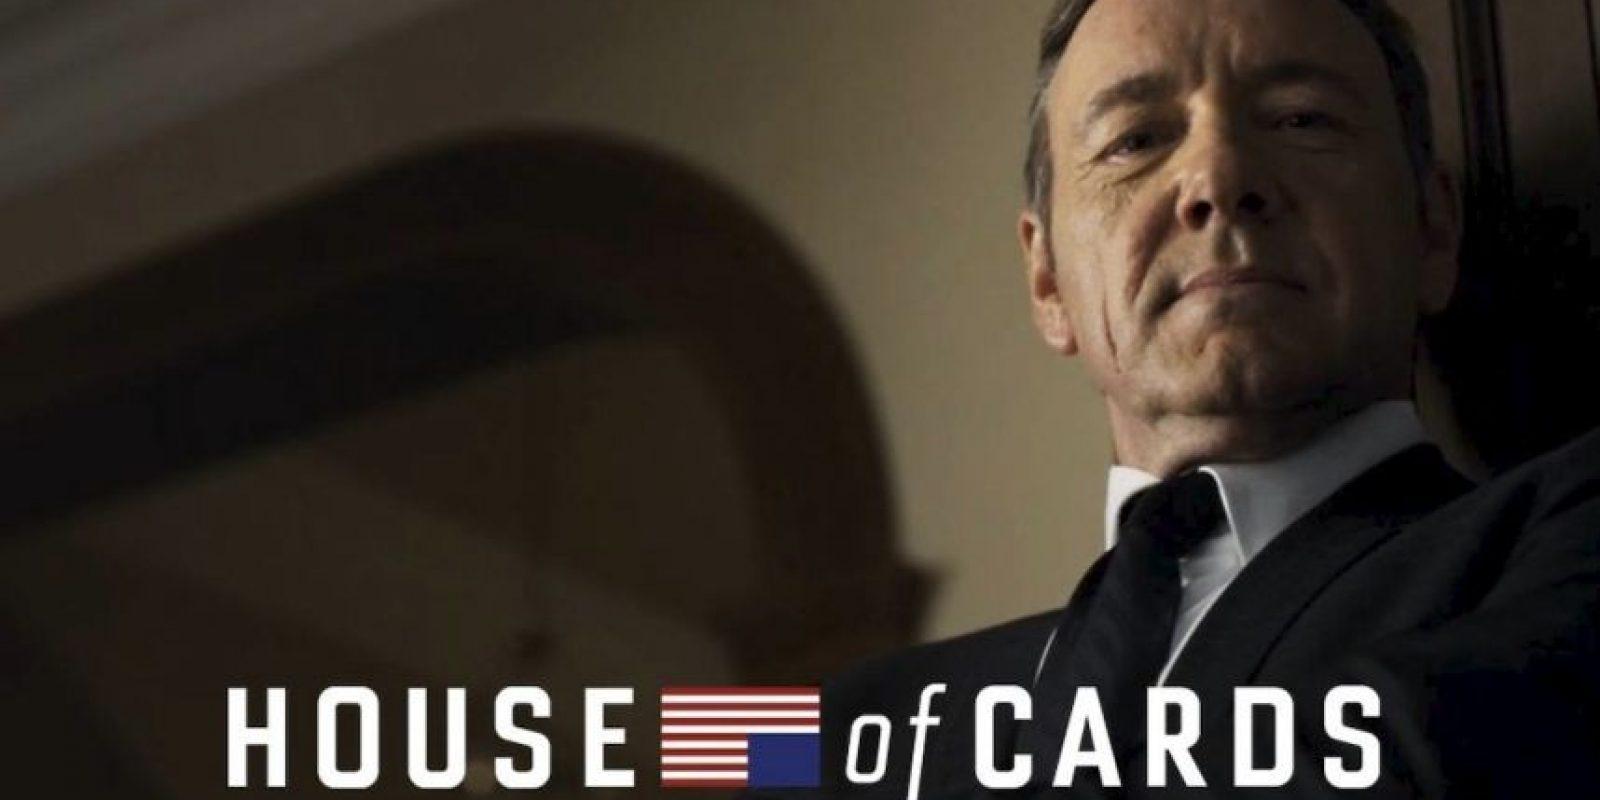 La primera temporada completa fue estrenada el 1 de febrero de 2013 en el servicio de streaming Netflix. Foto:Vía Facebook/HouseOfCards